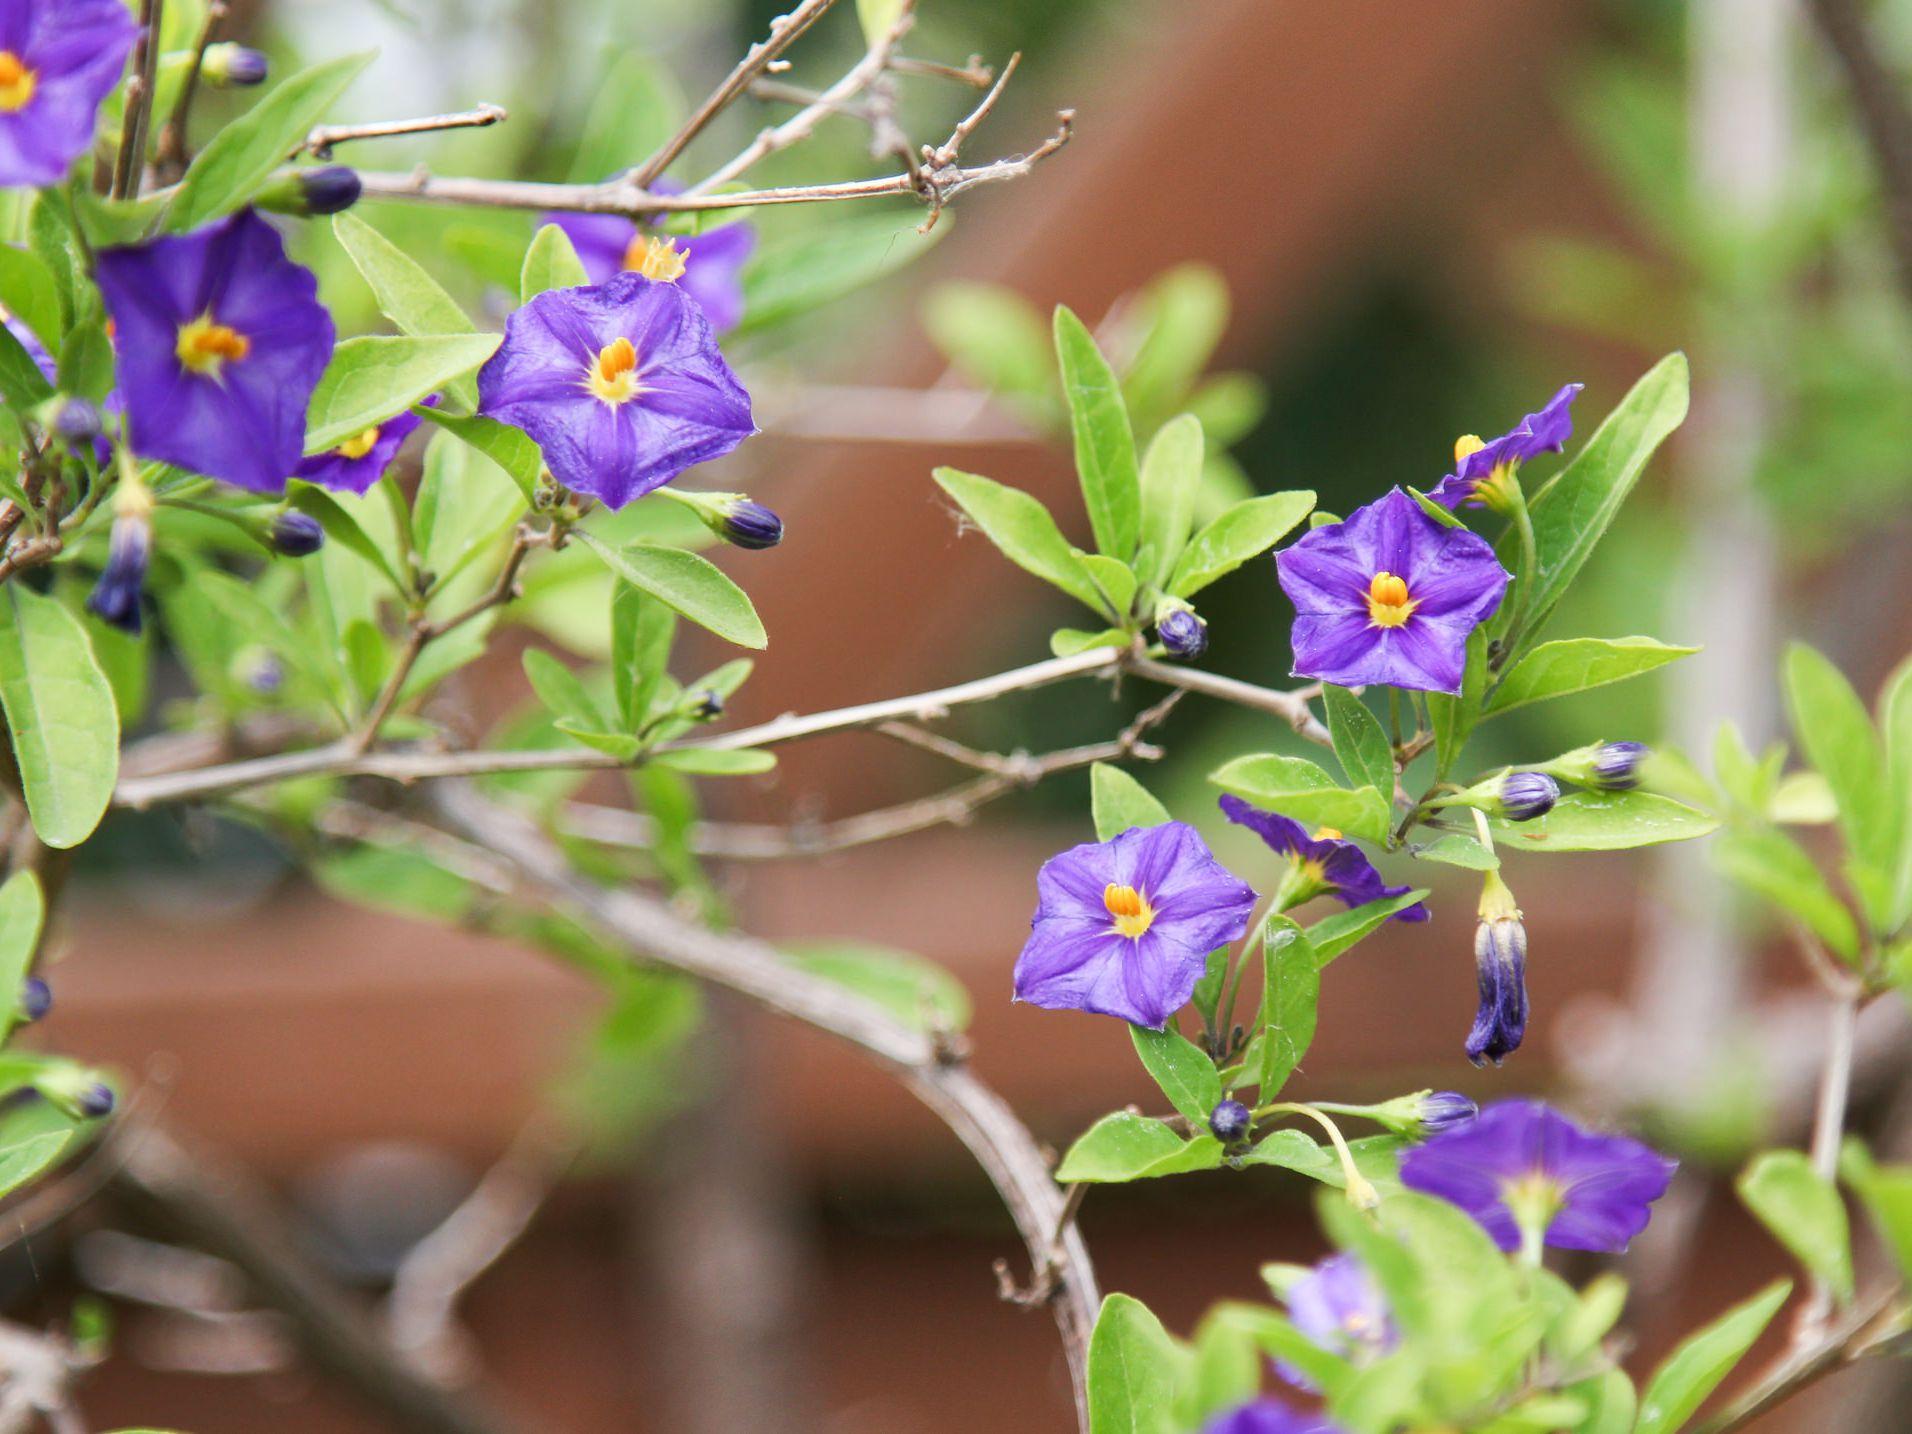 Growing The Blue Potato Bush In The Home Garden